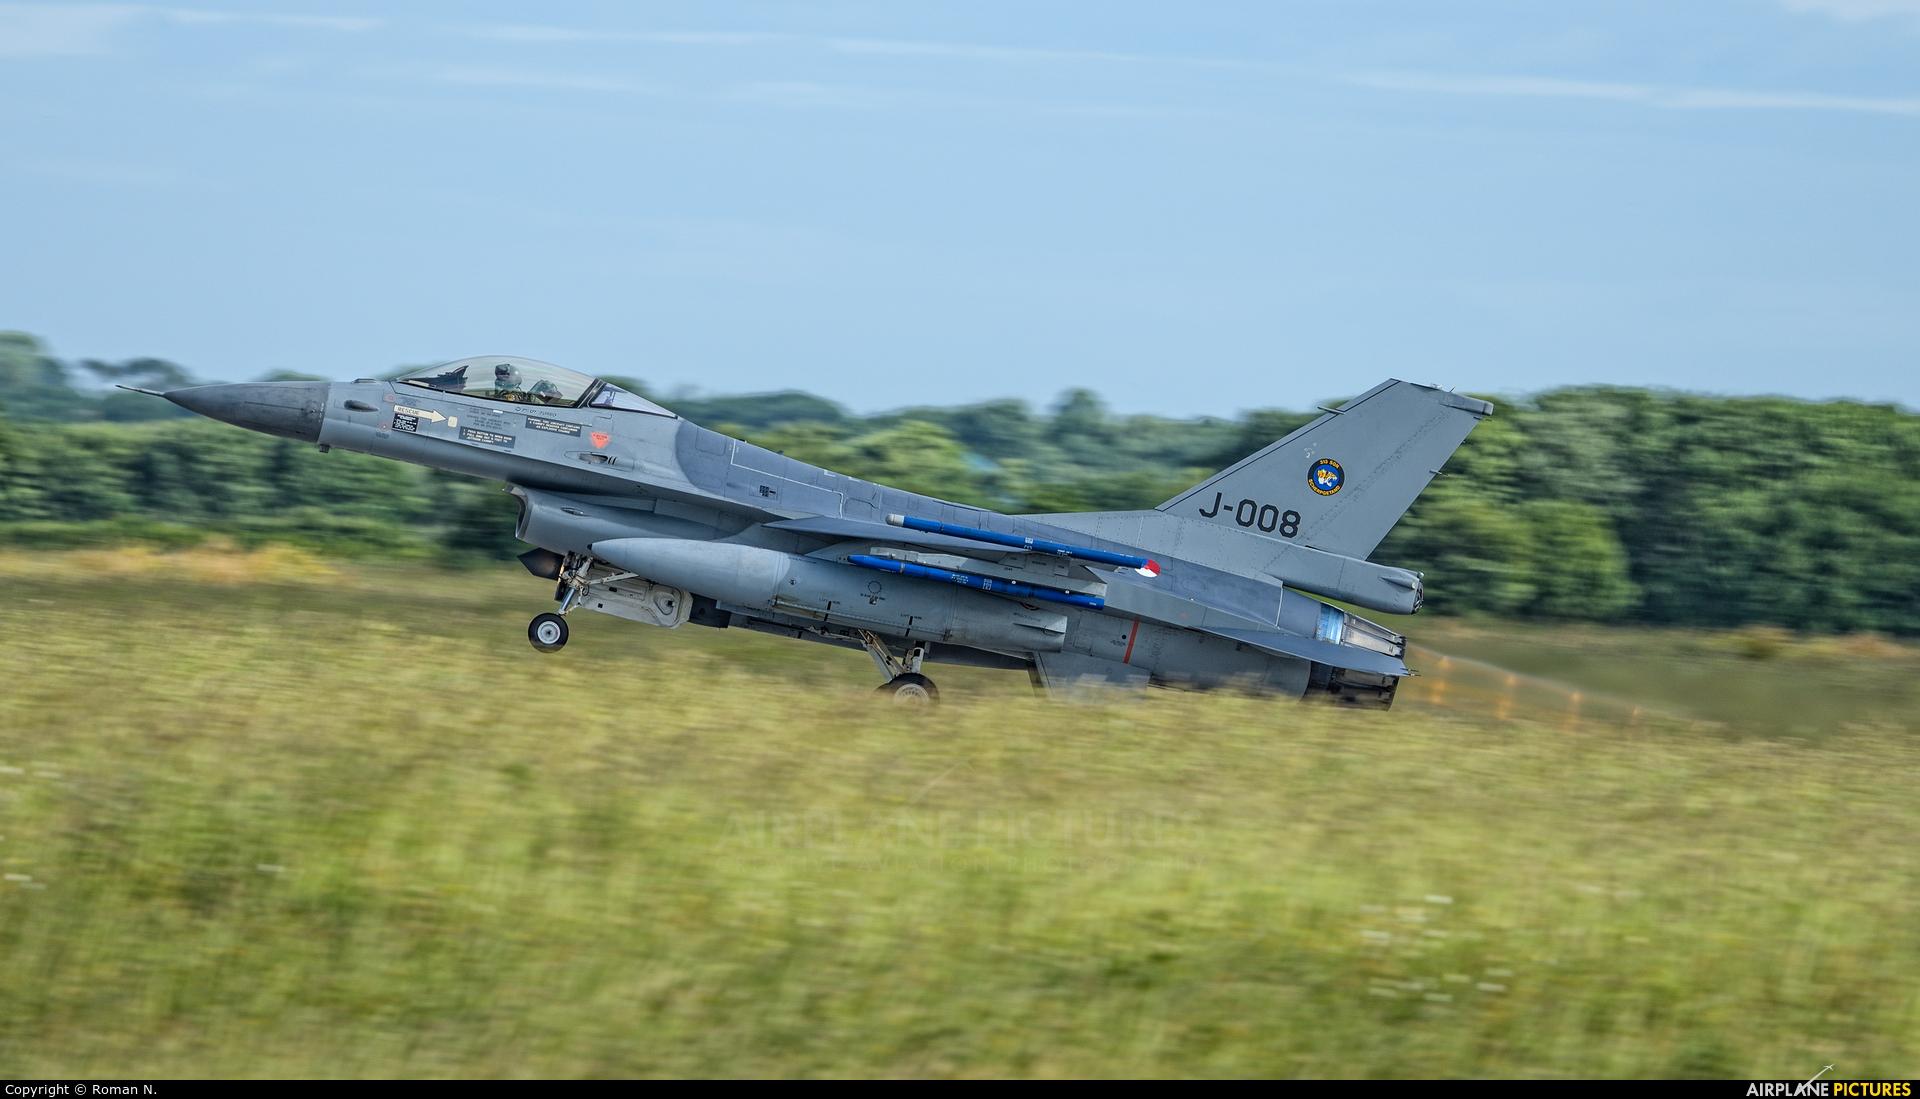 Netherlands - Air Force J-008 aircraft at Landivisiau